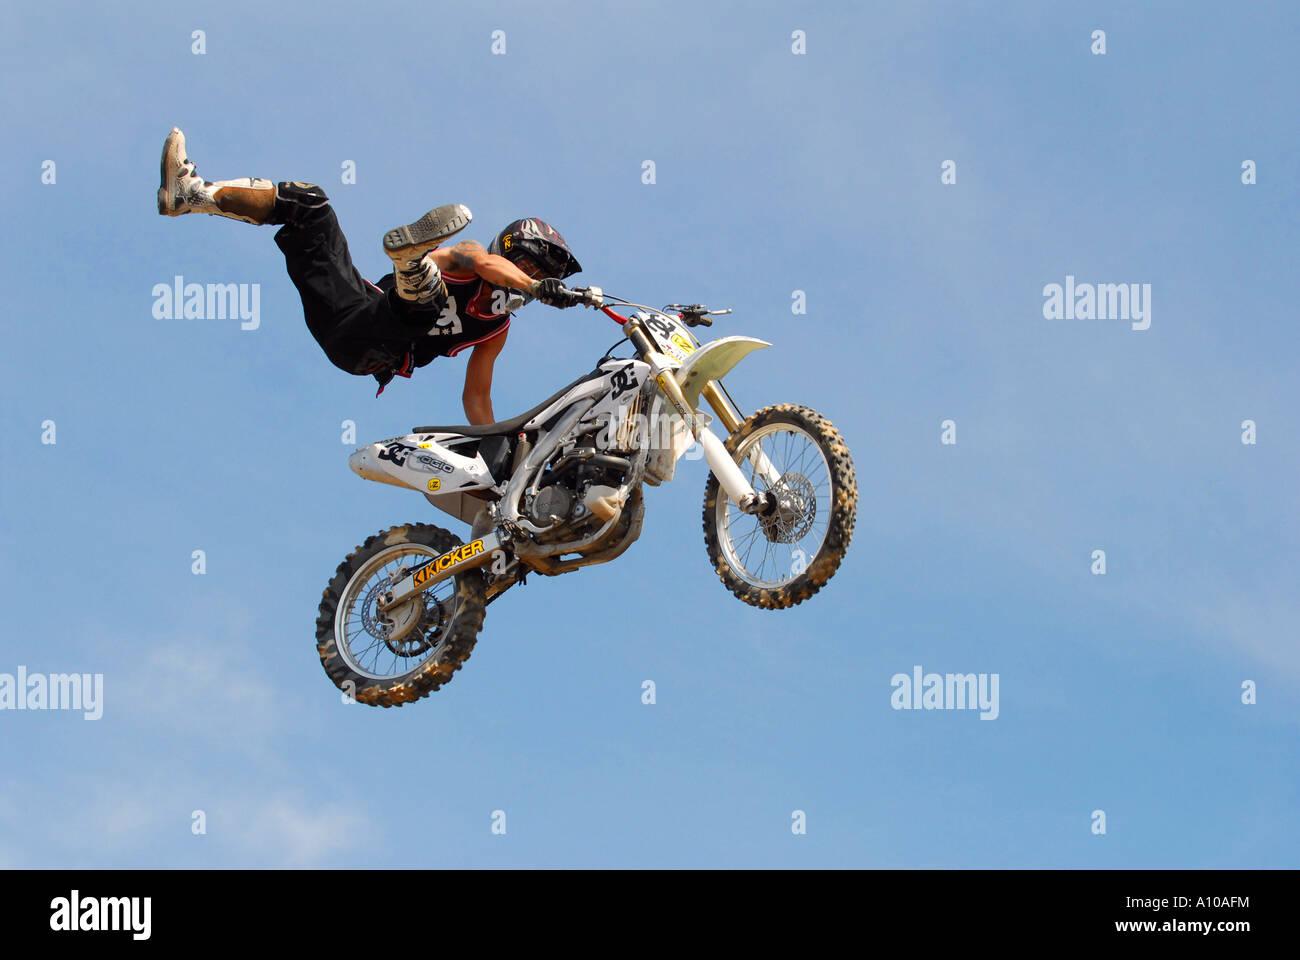 Dirt Bike Rider stunt rider Imagen De Stock